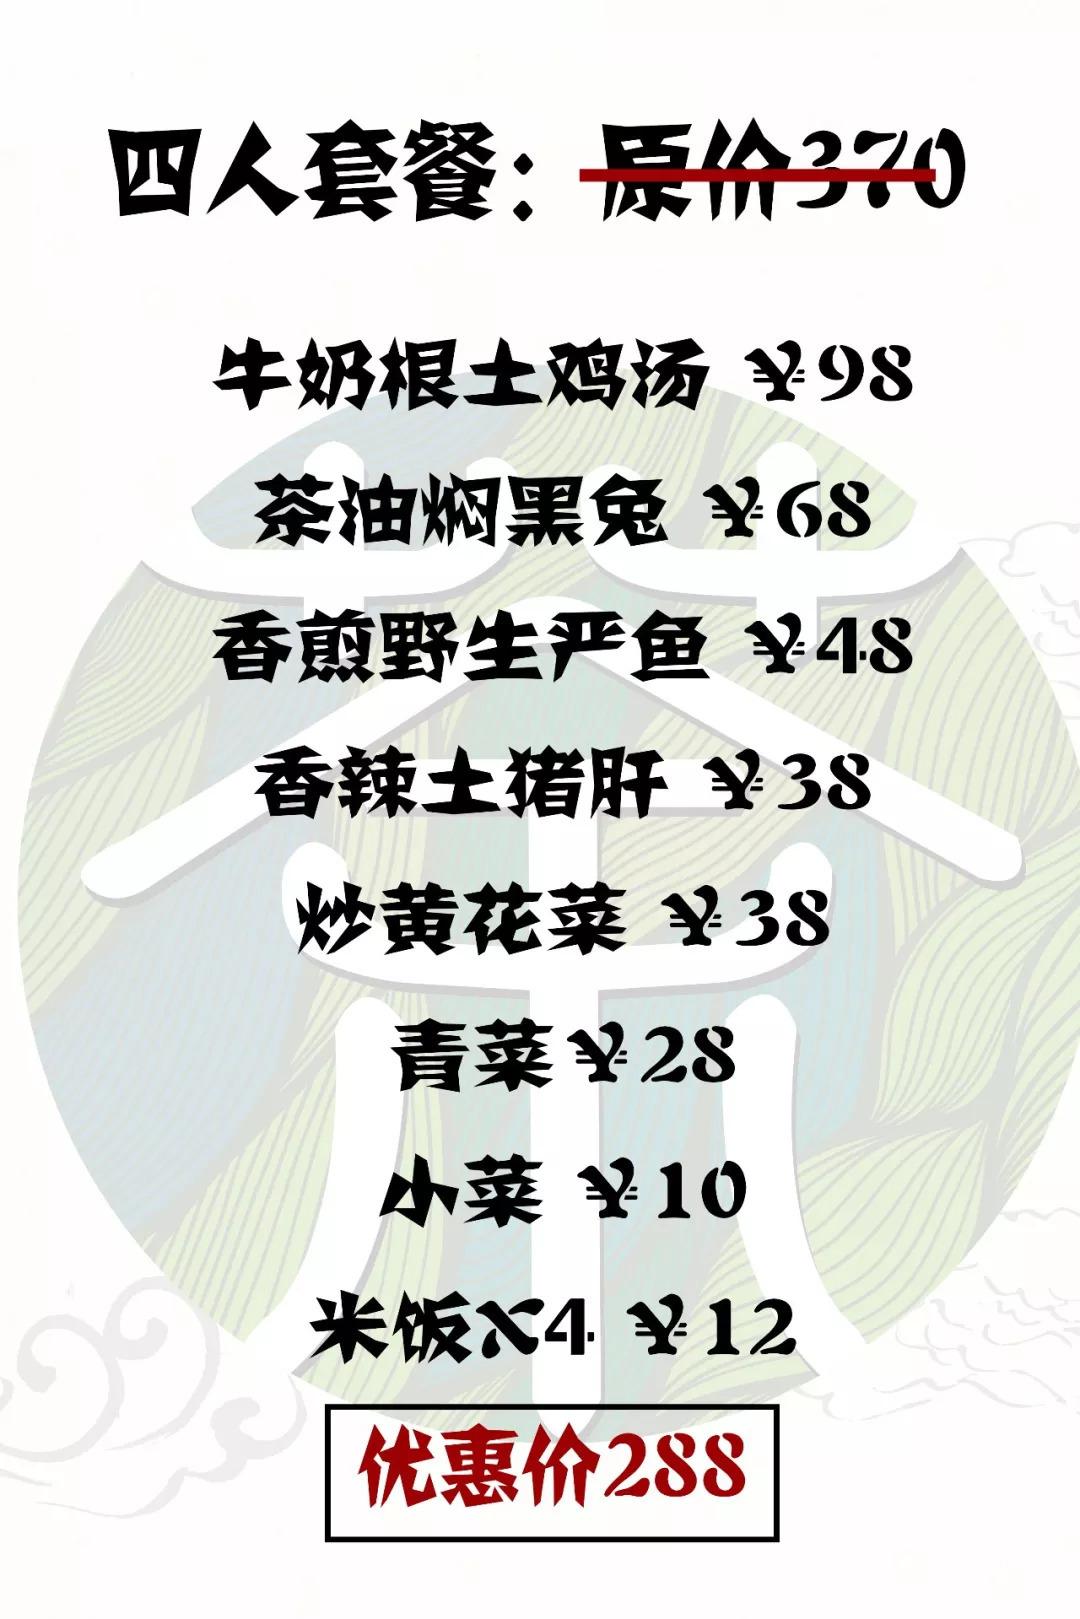 新莆京投注网站 60